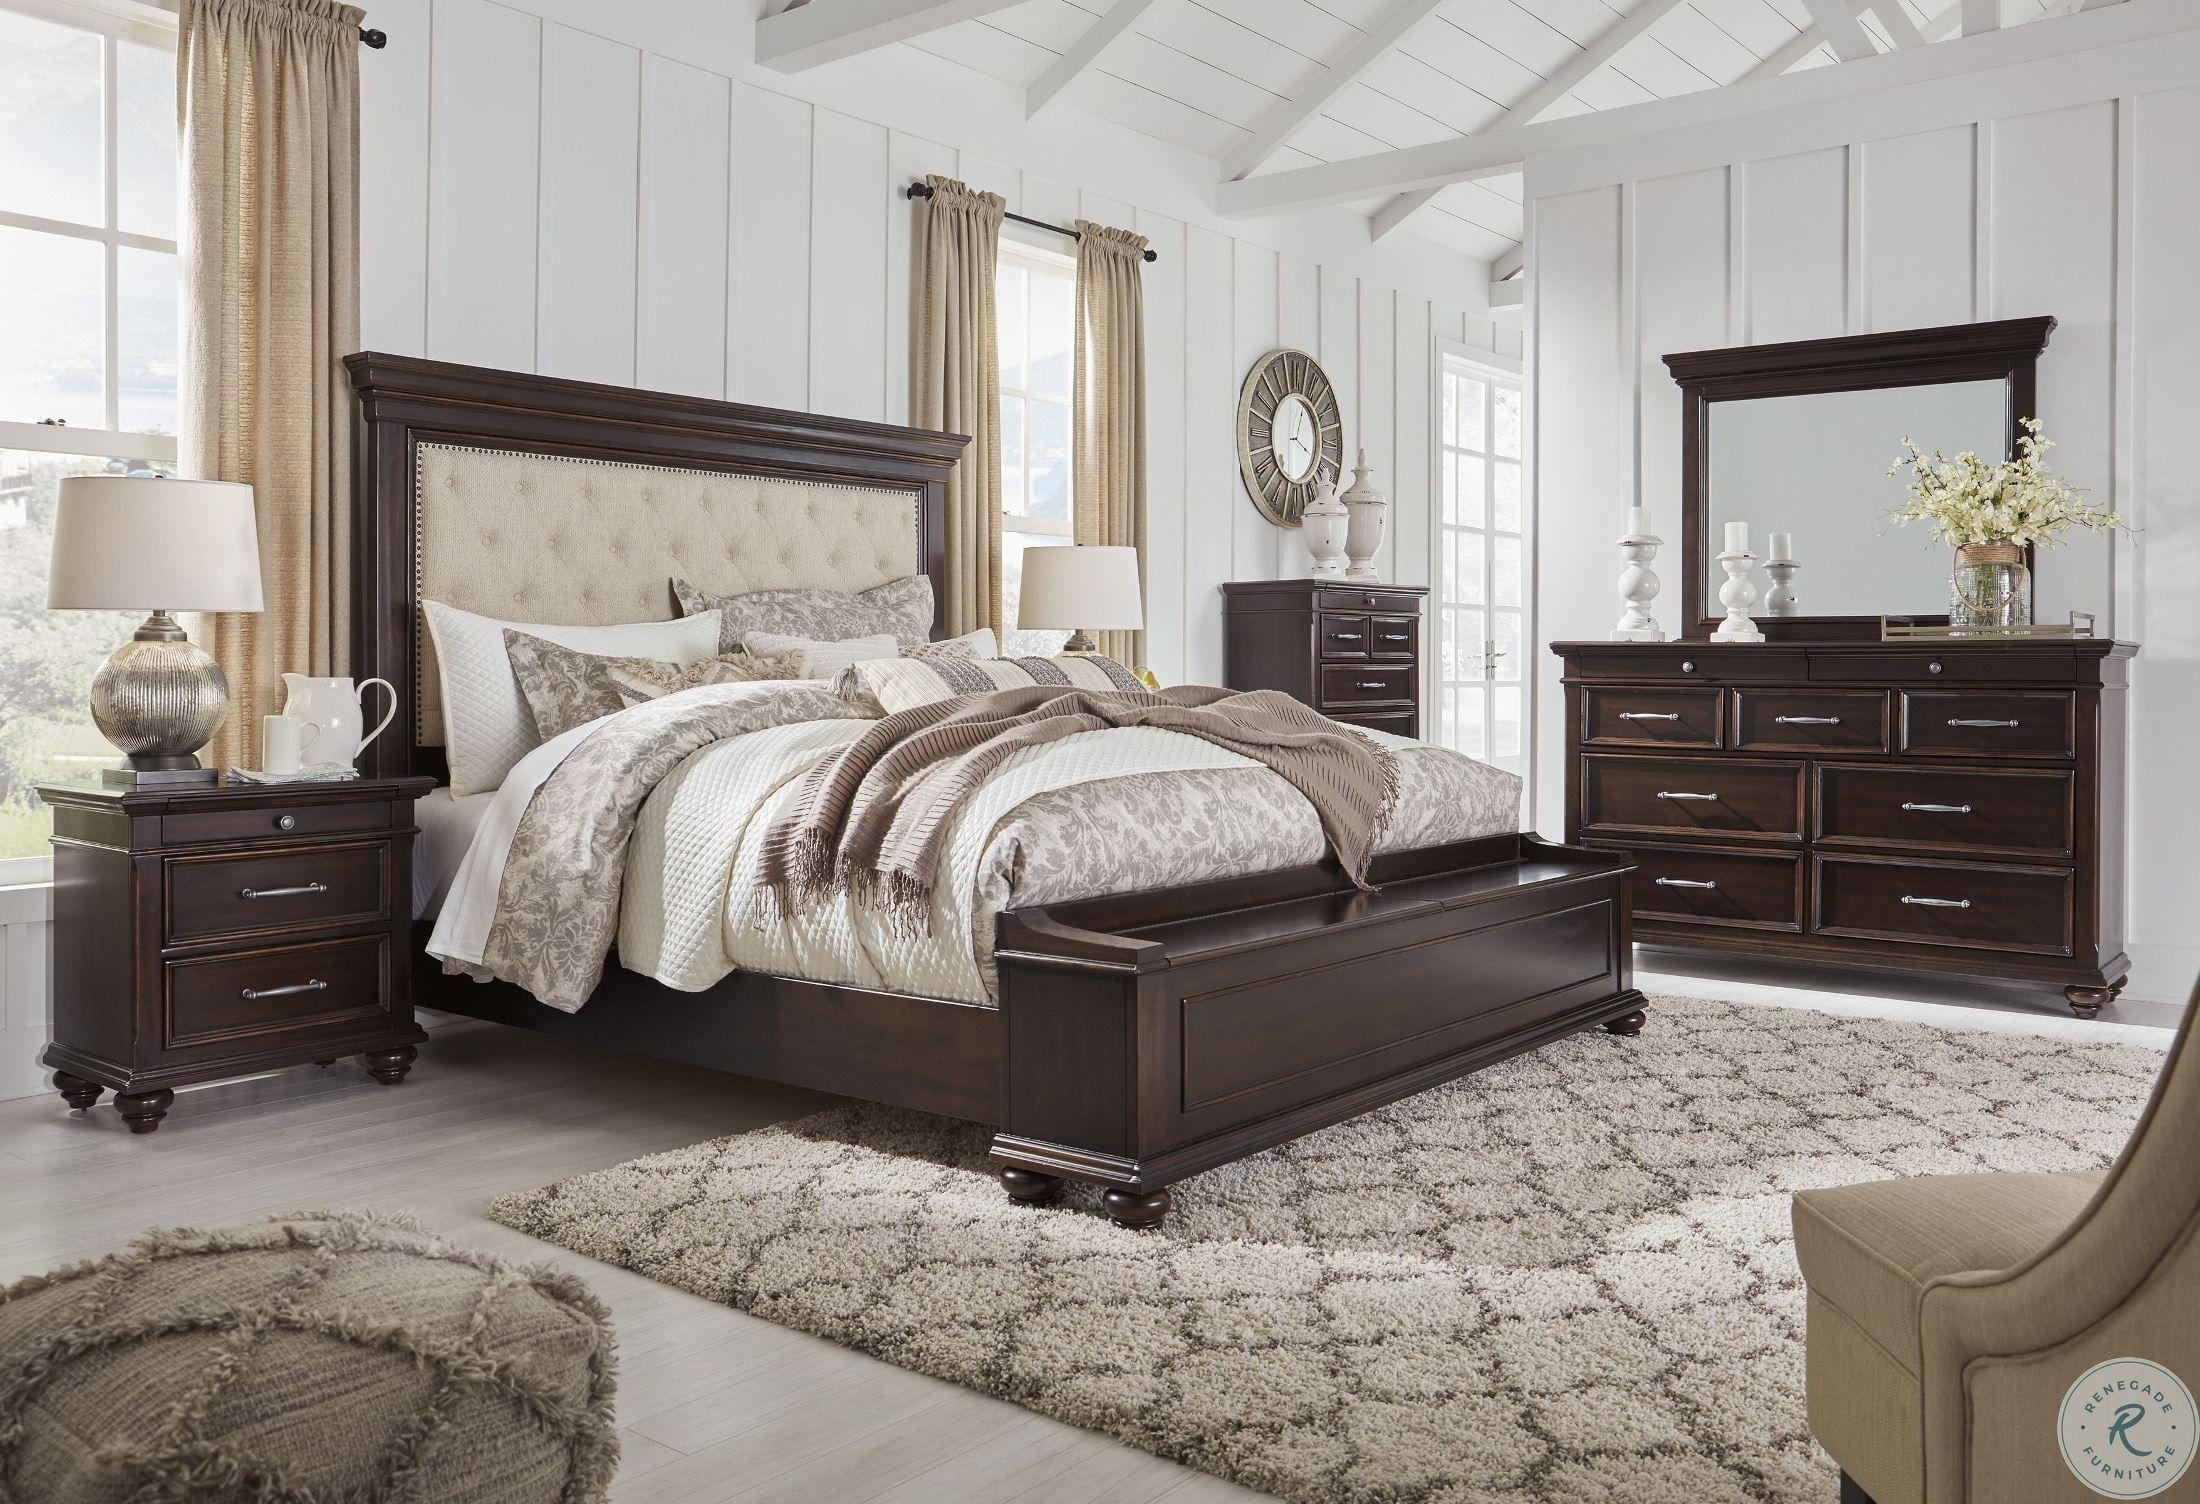 Brynhurst Dark Brown Upholstered Panel Bedroom Set In 2021 Queen Sized Bedroom Sets Bedroom Furniture Inspiration Bedroom Panel